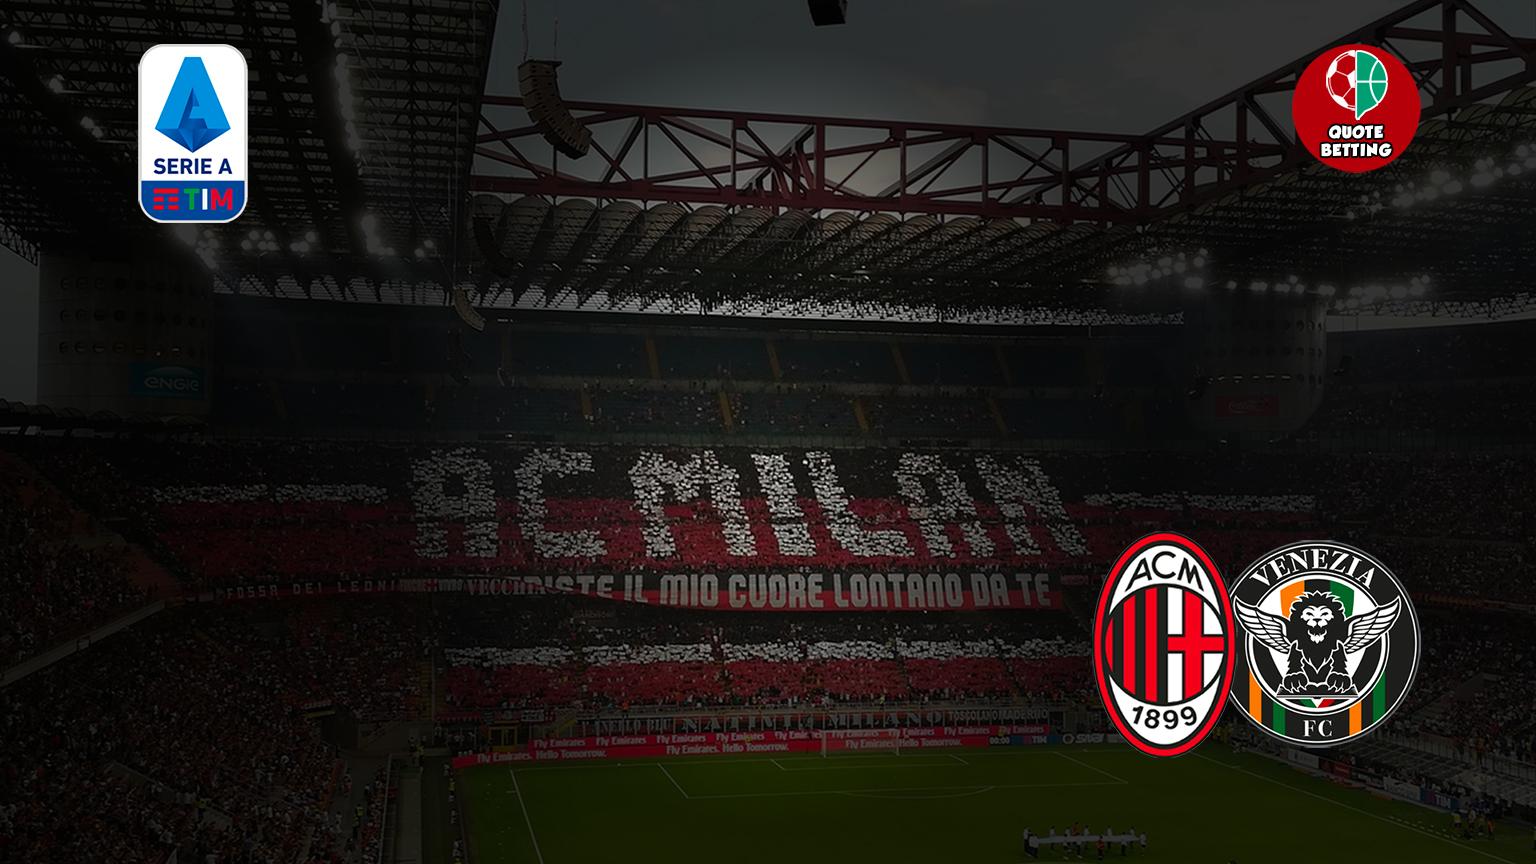 odds milan venice tempat untuk melihat di tv prediksi formasi odds seri a taruhan sepak bola italia stadion san siro milan-venice